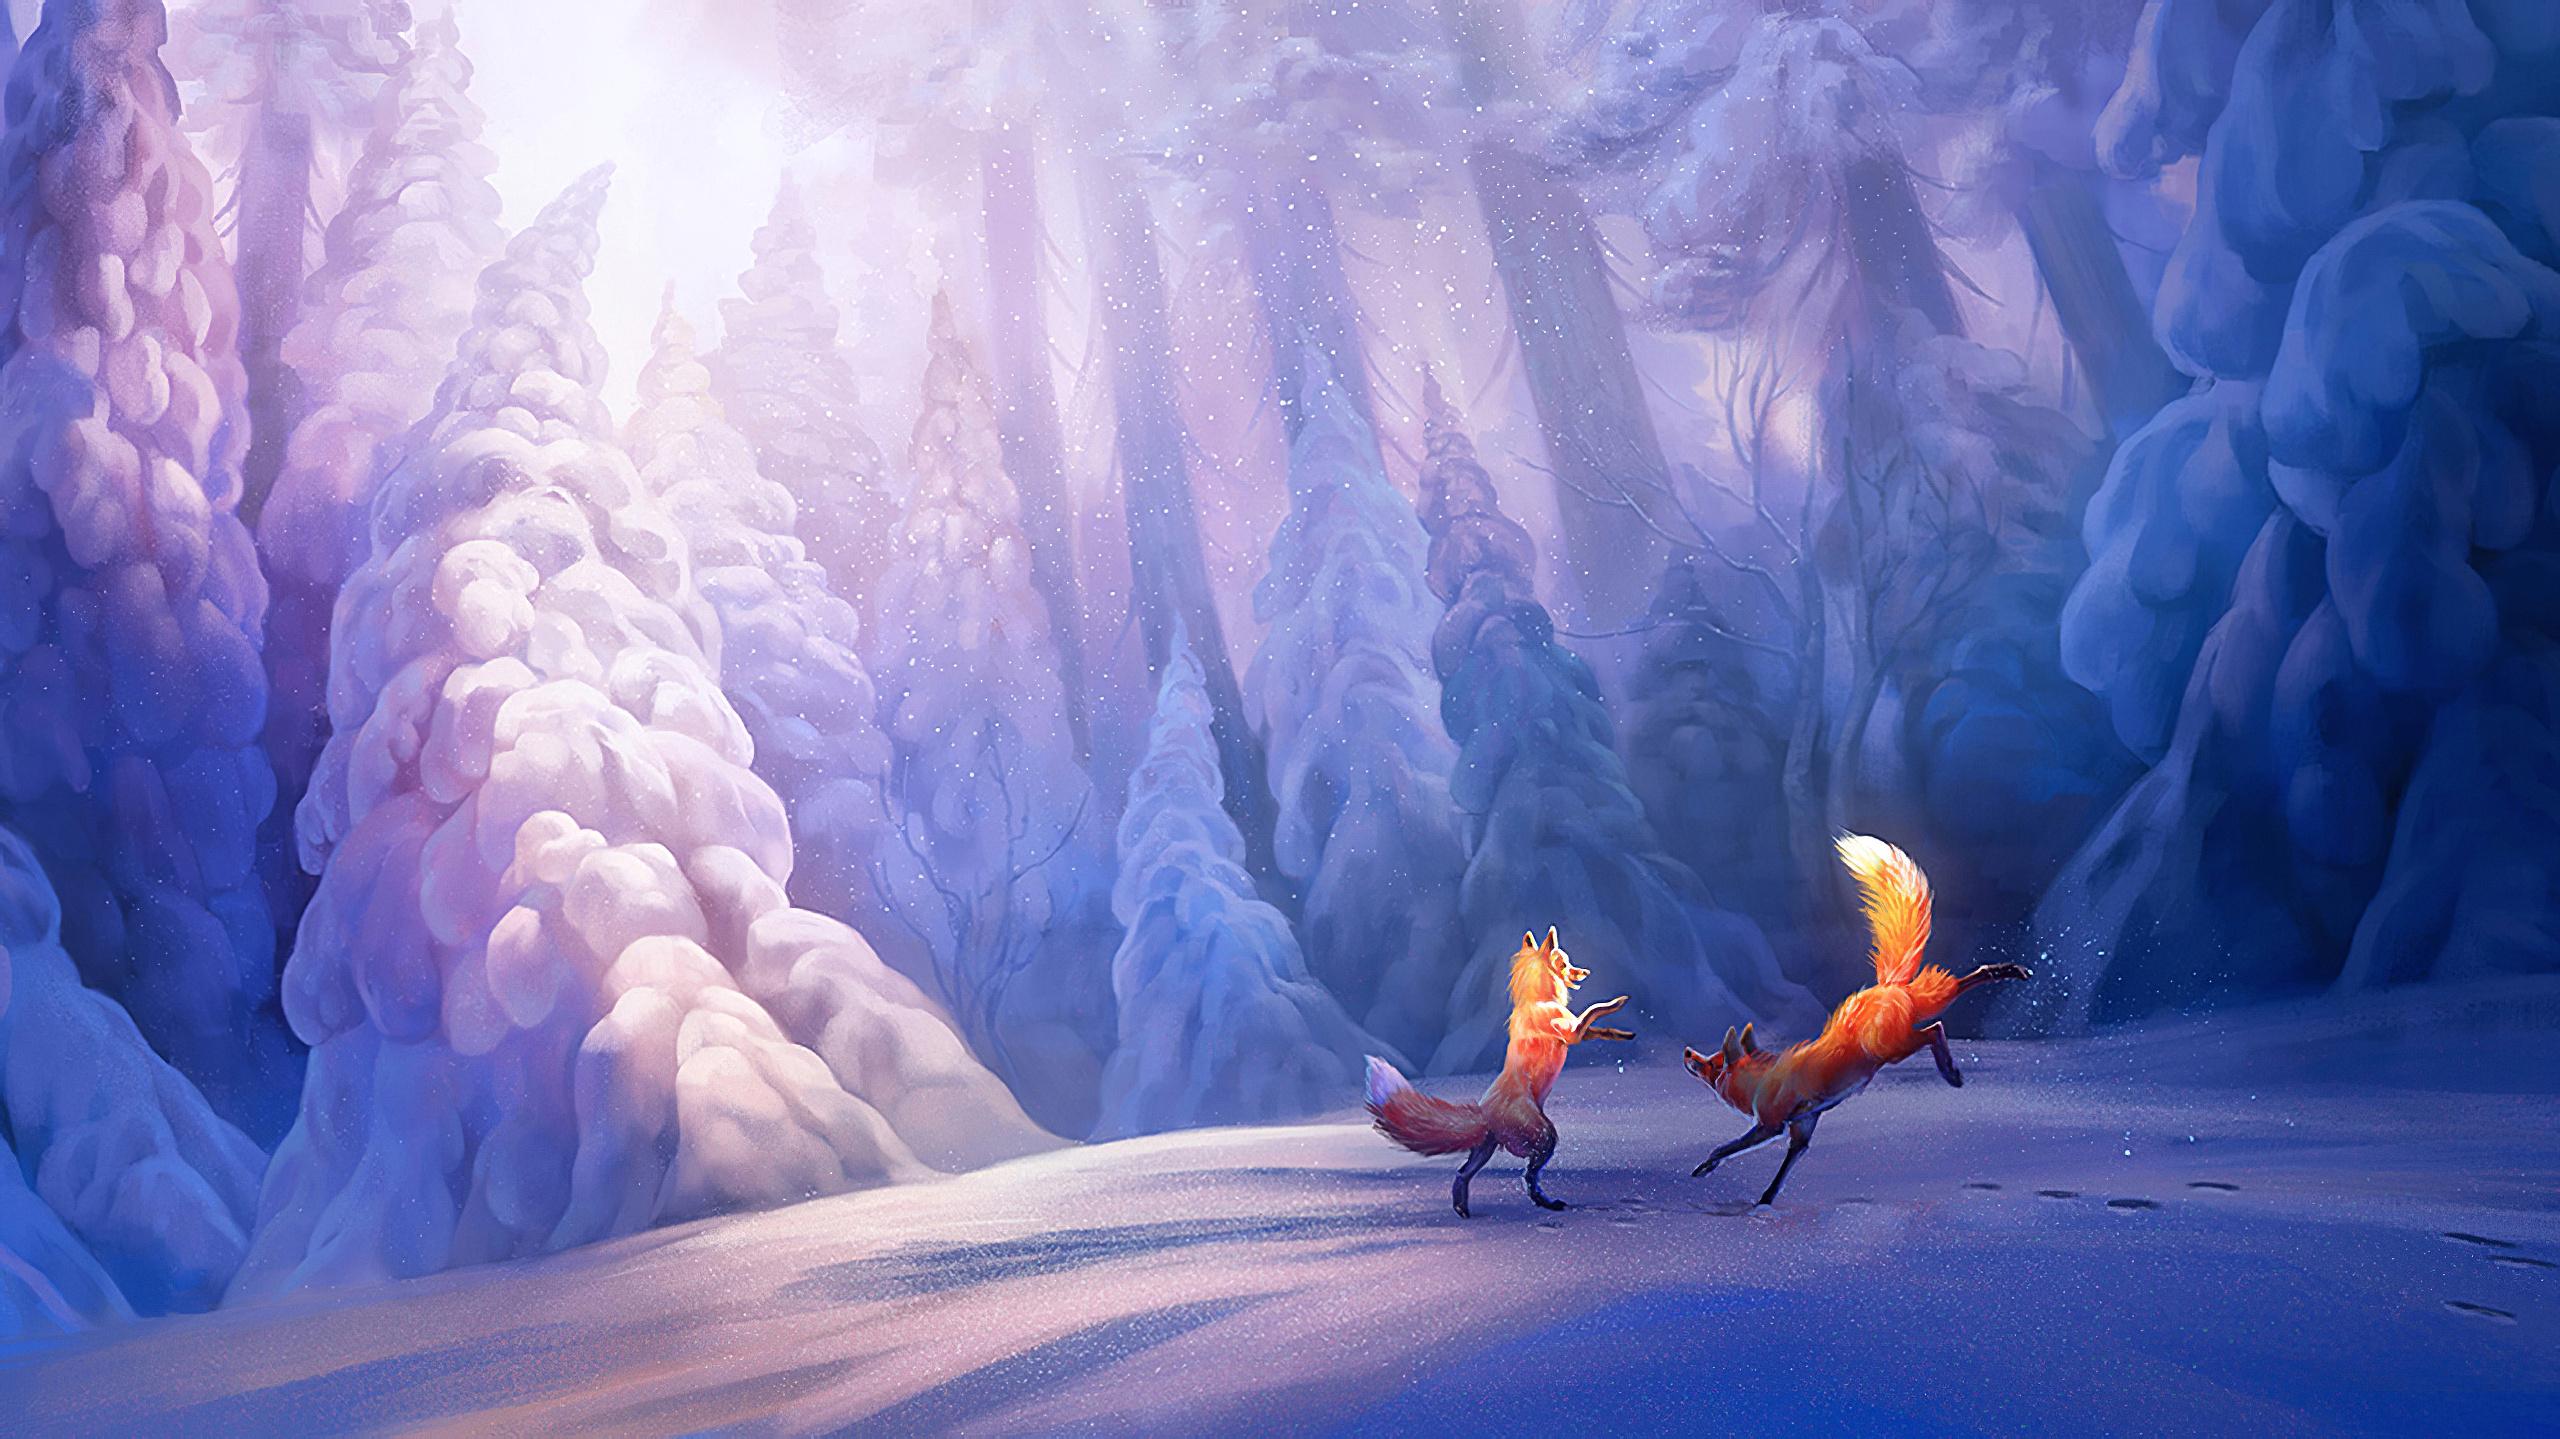 Фото картинка дракон отмечающий новый год в заснеженном лесу